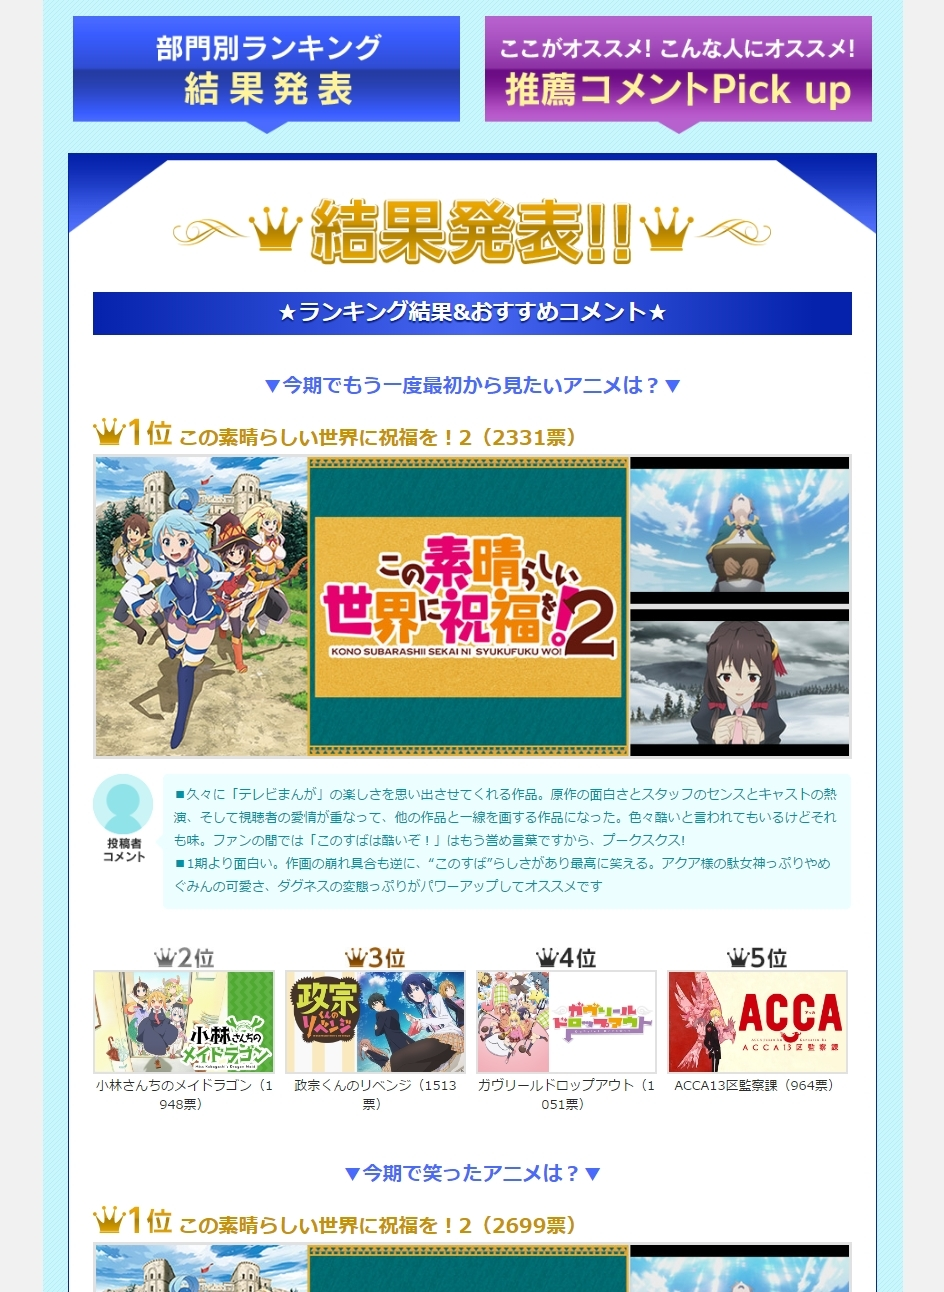 2017冬アニメ振返りアンケート